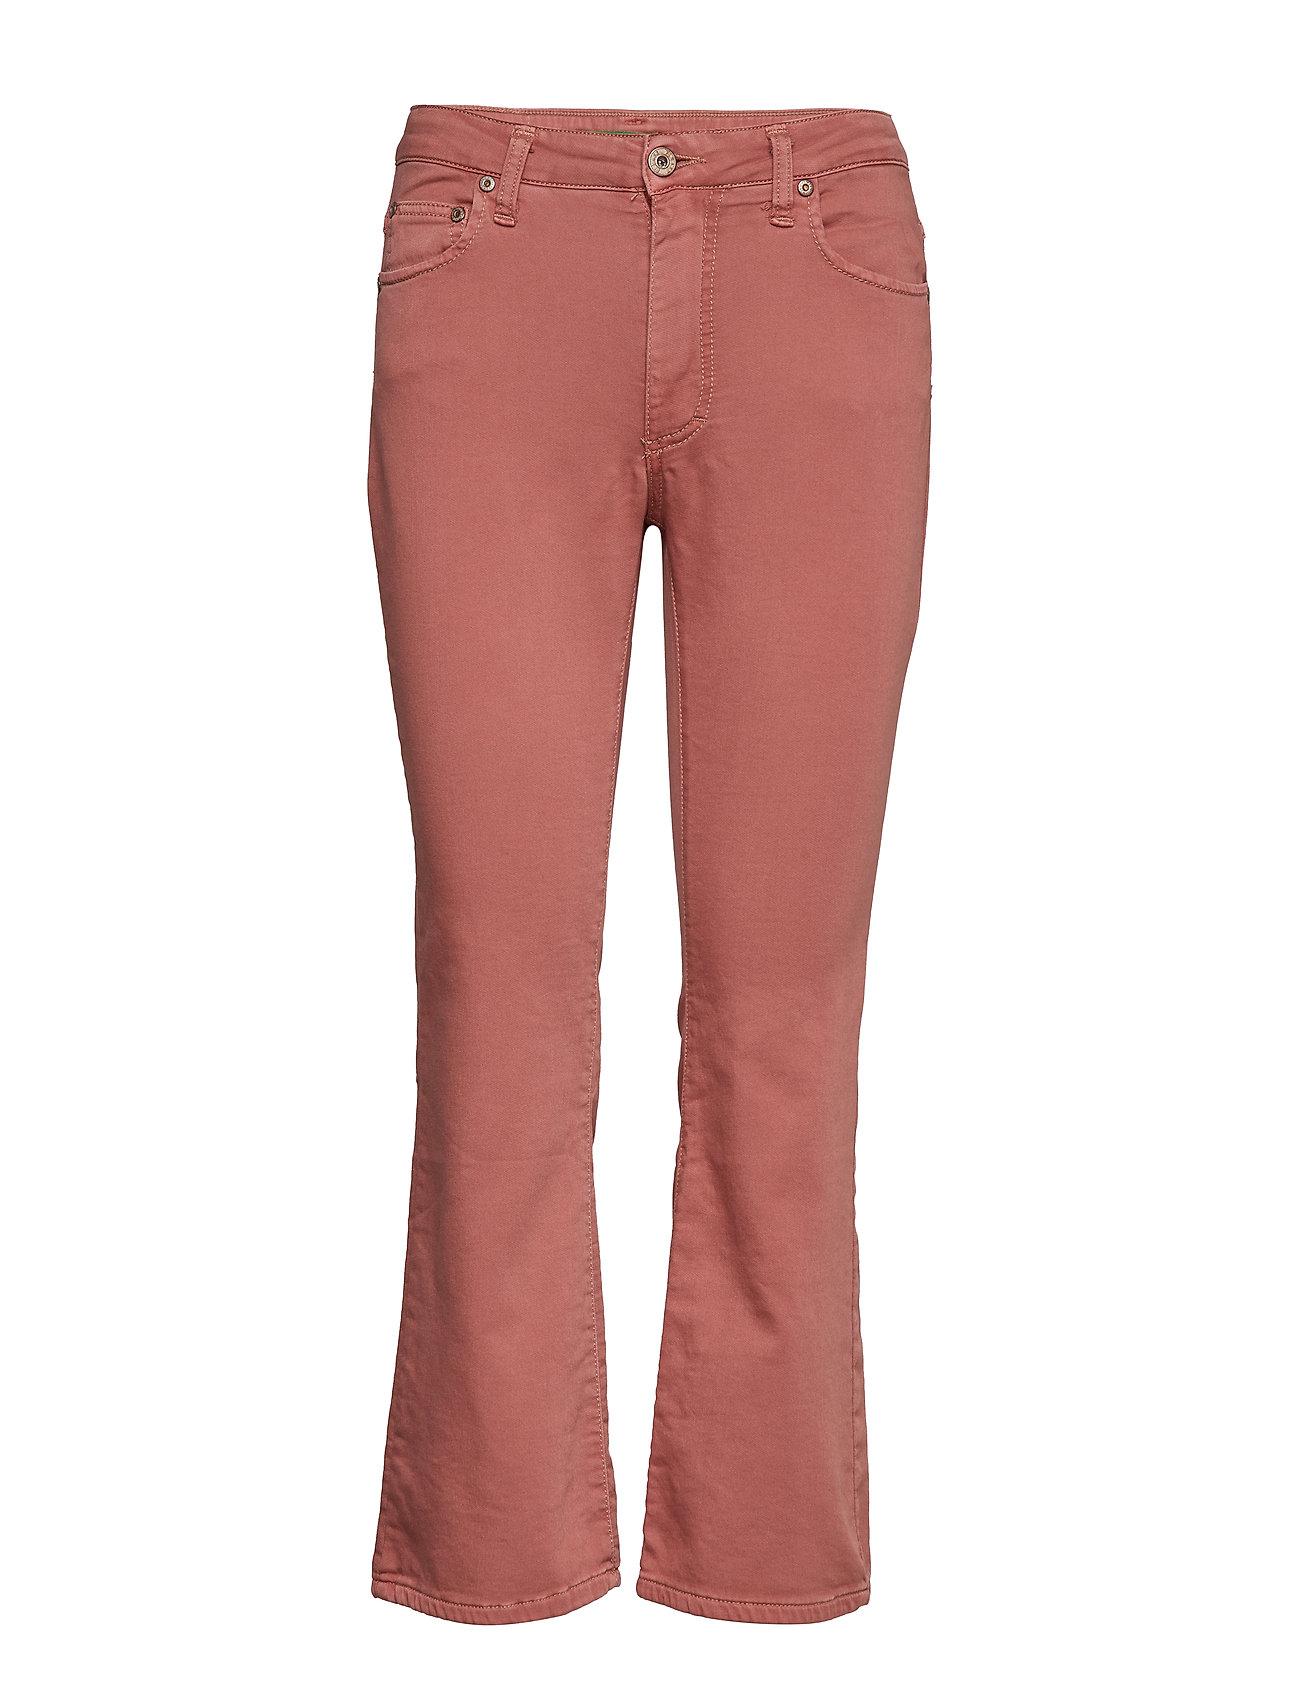 Please Jeans Shortcut Jog